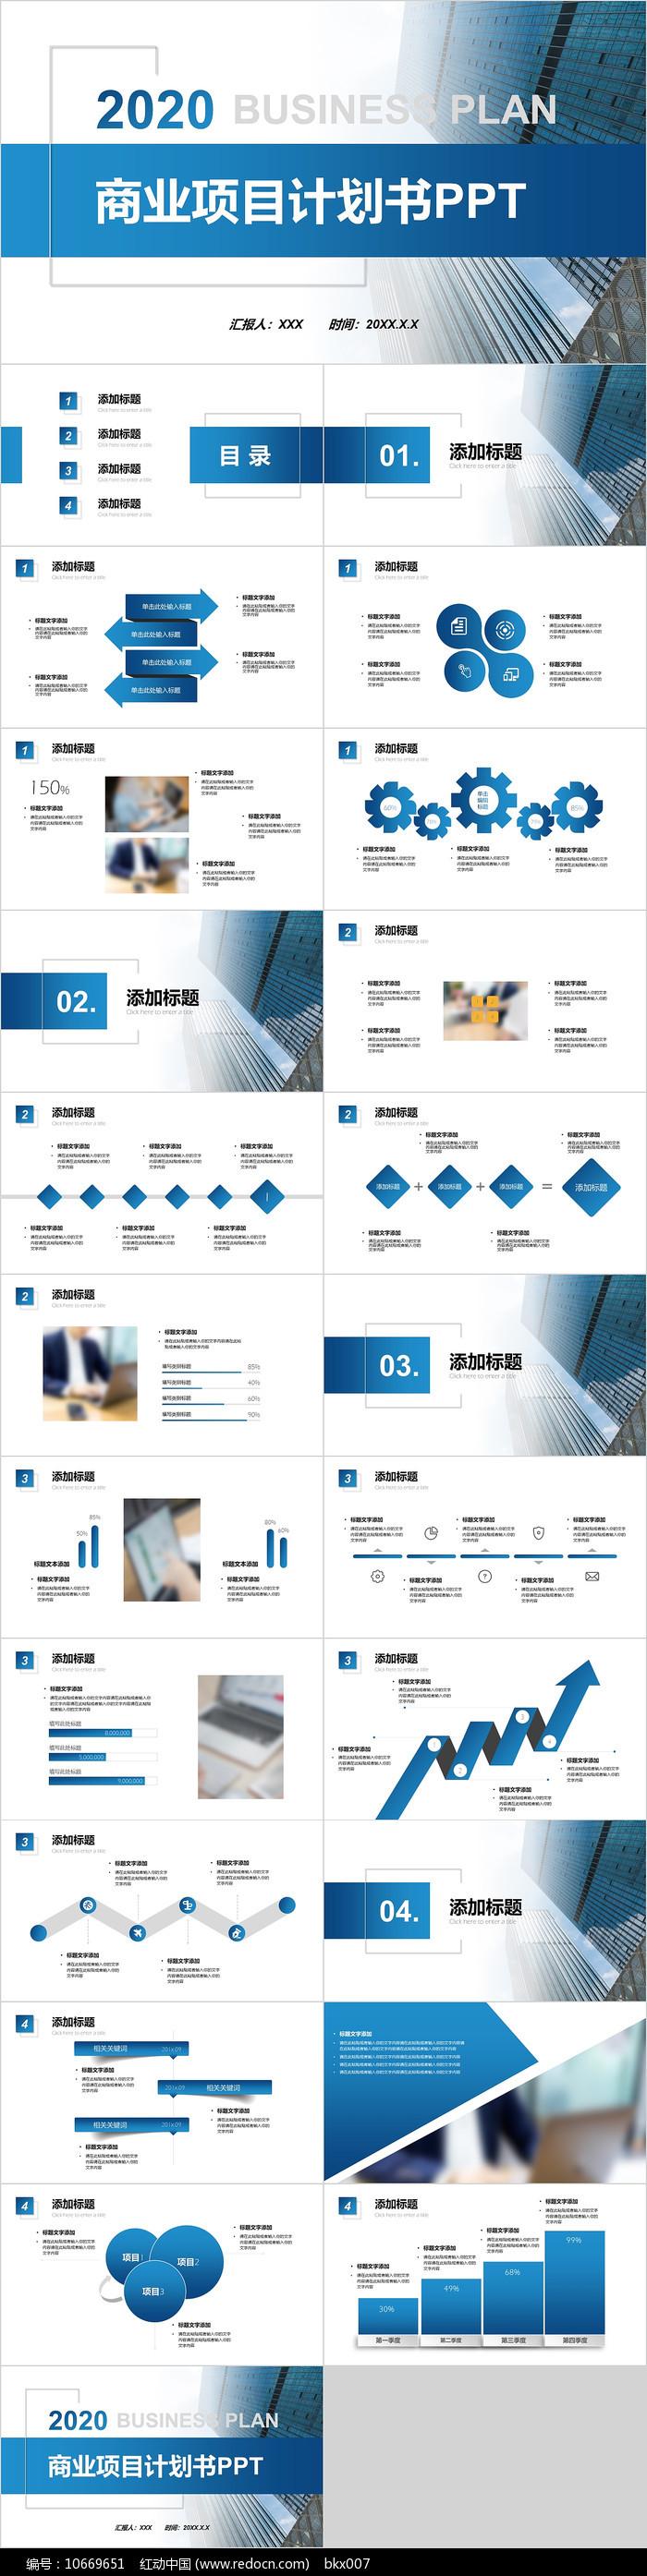 蓝色商业项目计划书PPT模板图片